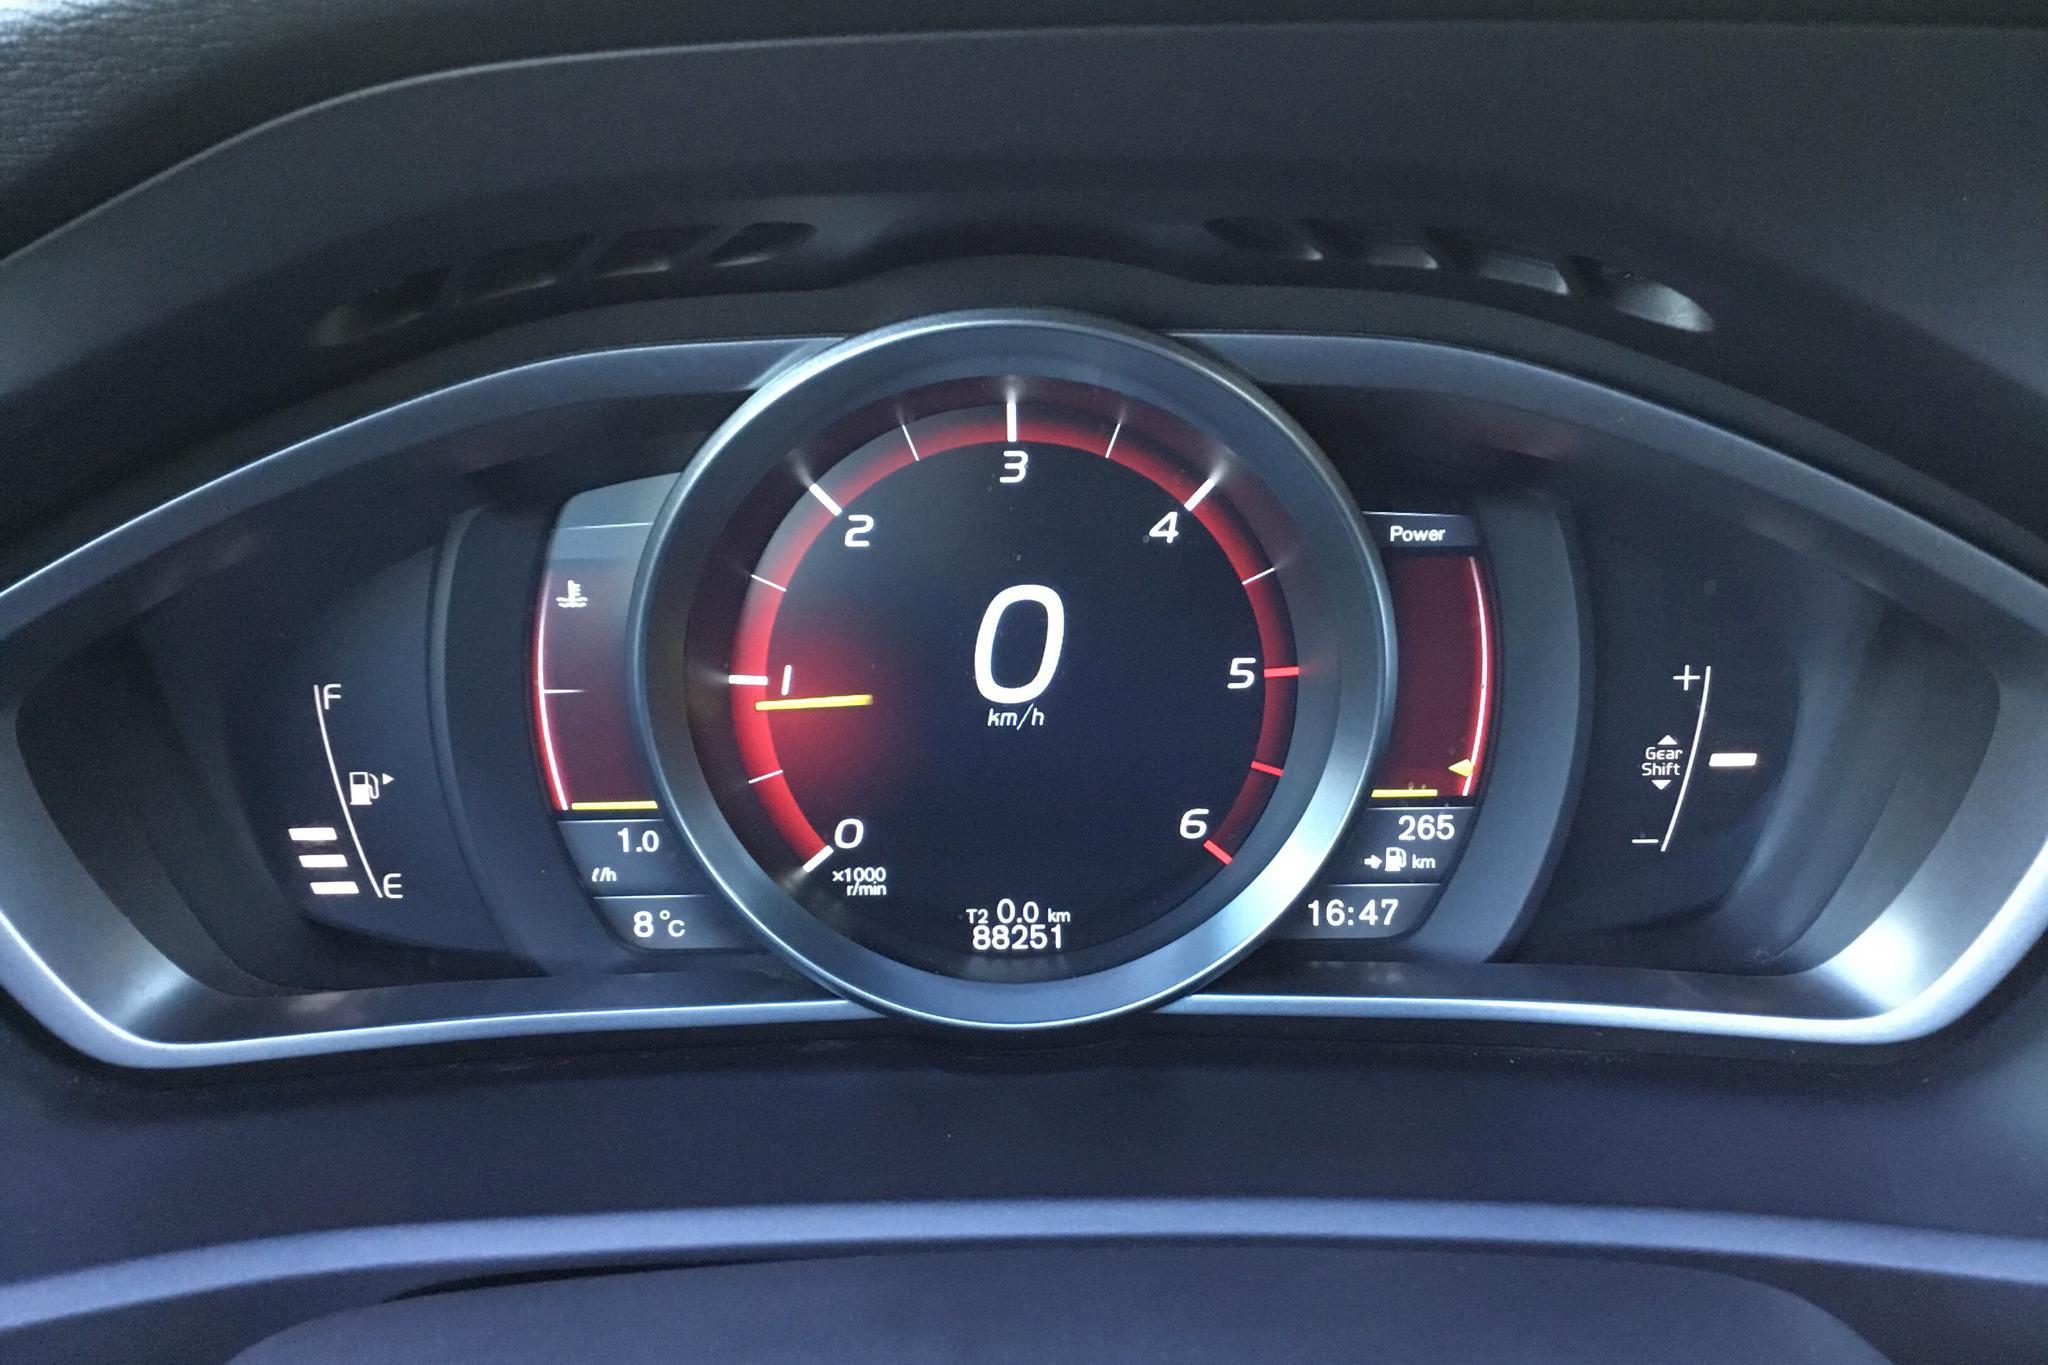 Volvo V40 D2 (115hk) - 8 825 mil - Manuell - Light Grey - 2013